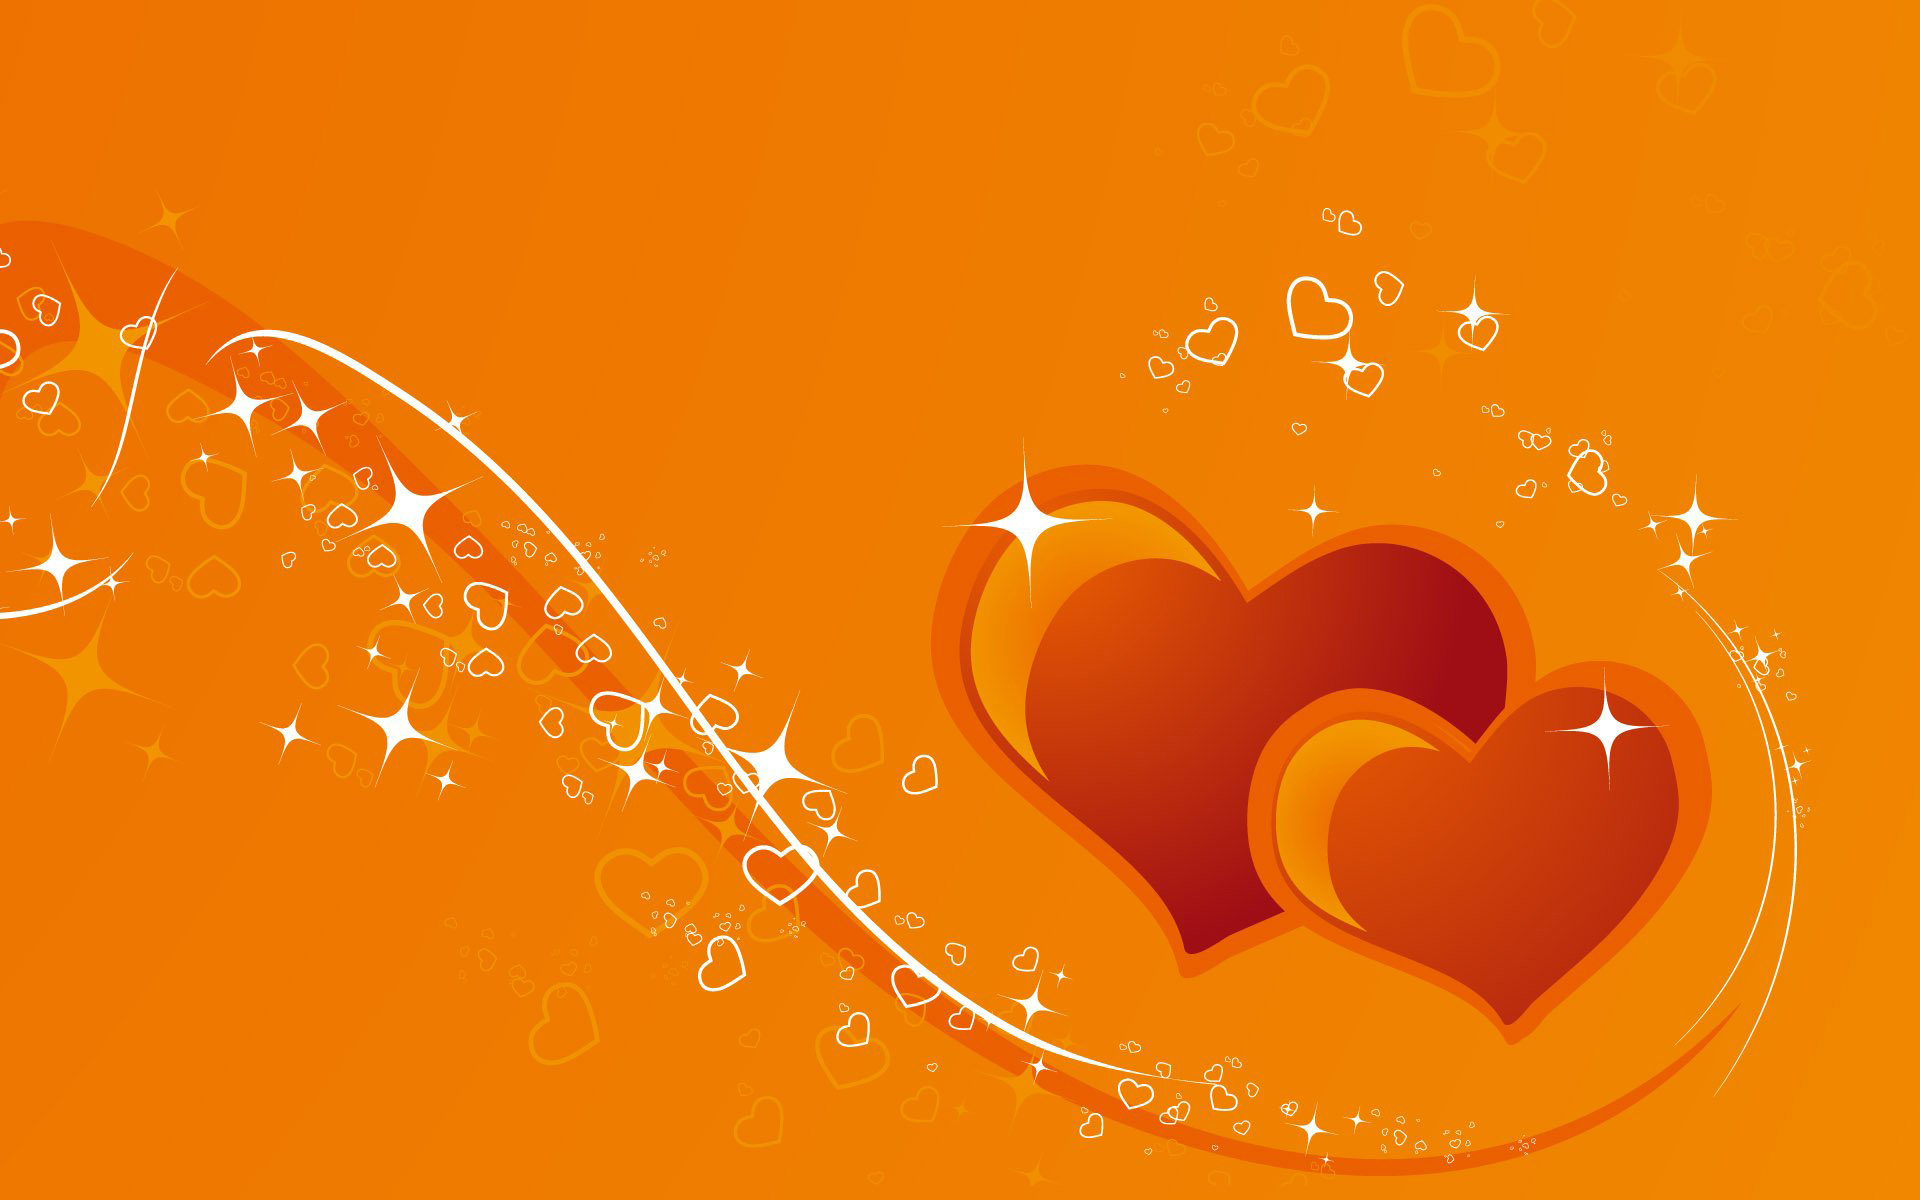 صور قلوب وحب ورومانسية وصورة قلب HD  (6)